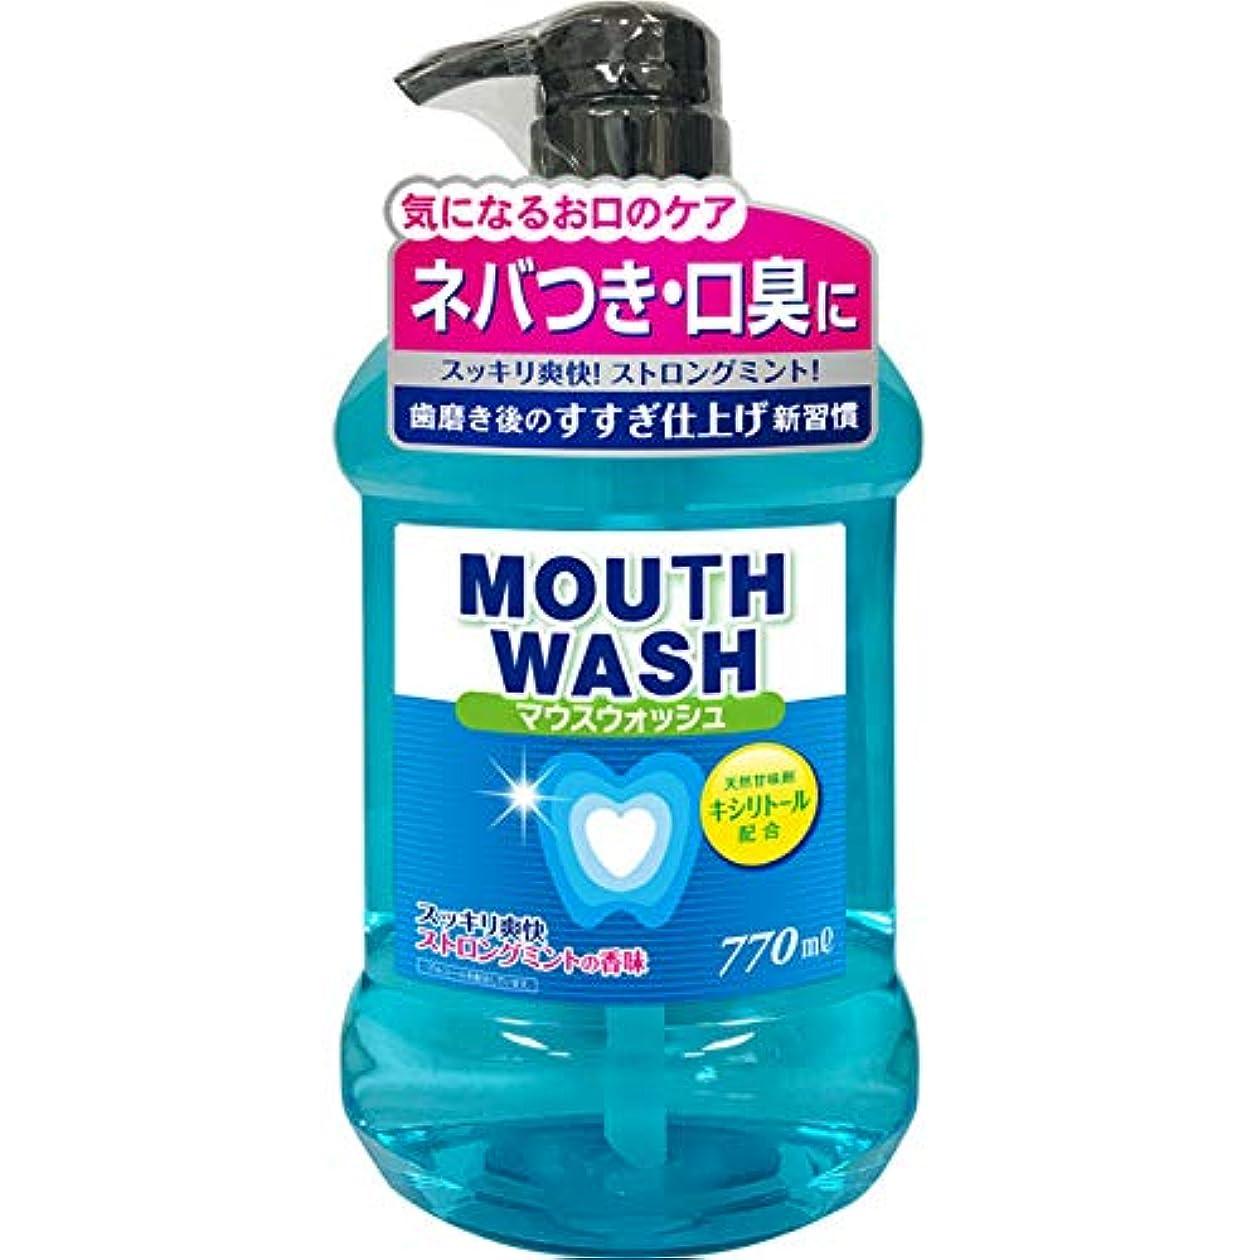 有罪真空追うG-クエスト オールデントマウスウォッシュ ストロングミントの香味 770ml